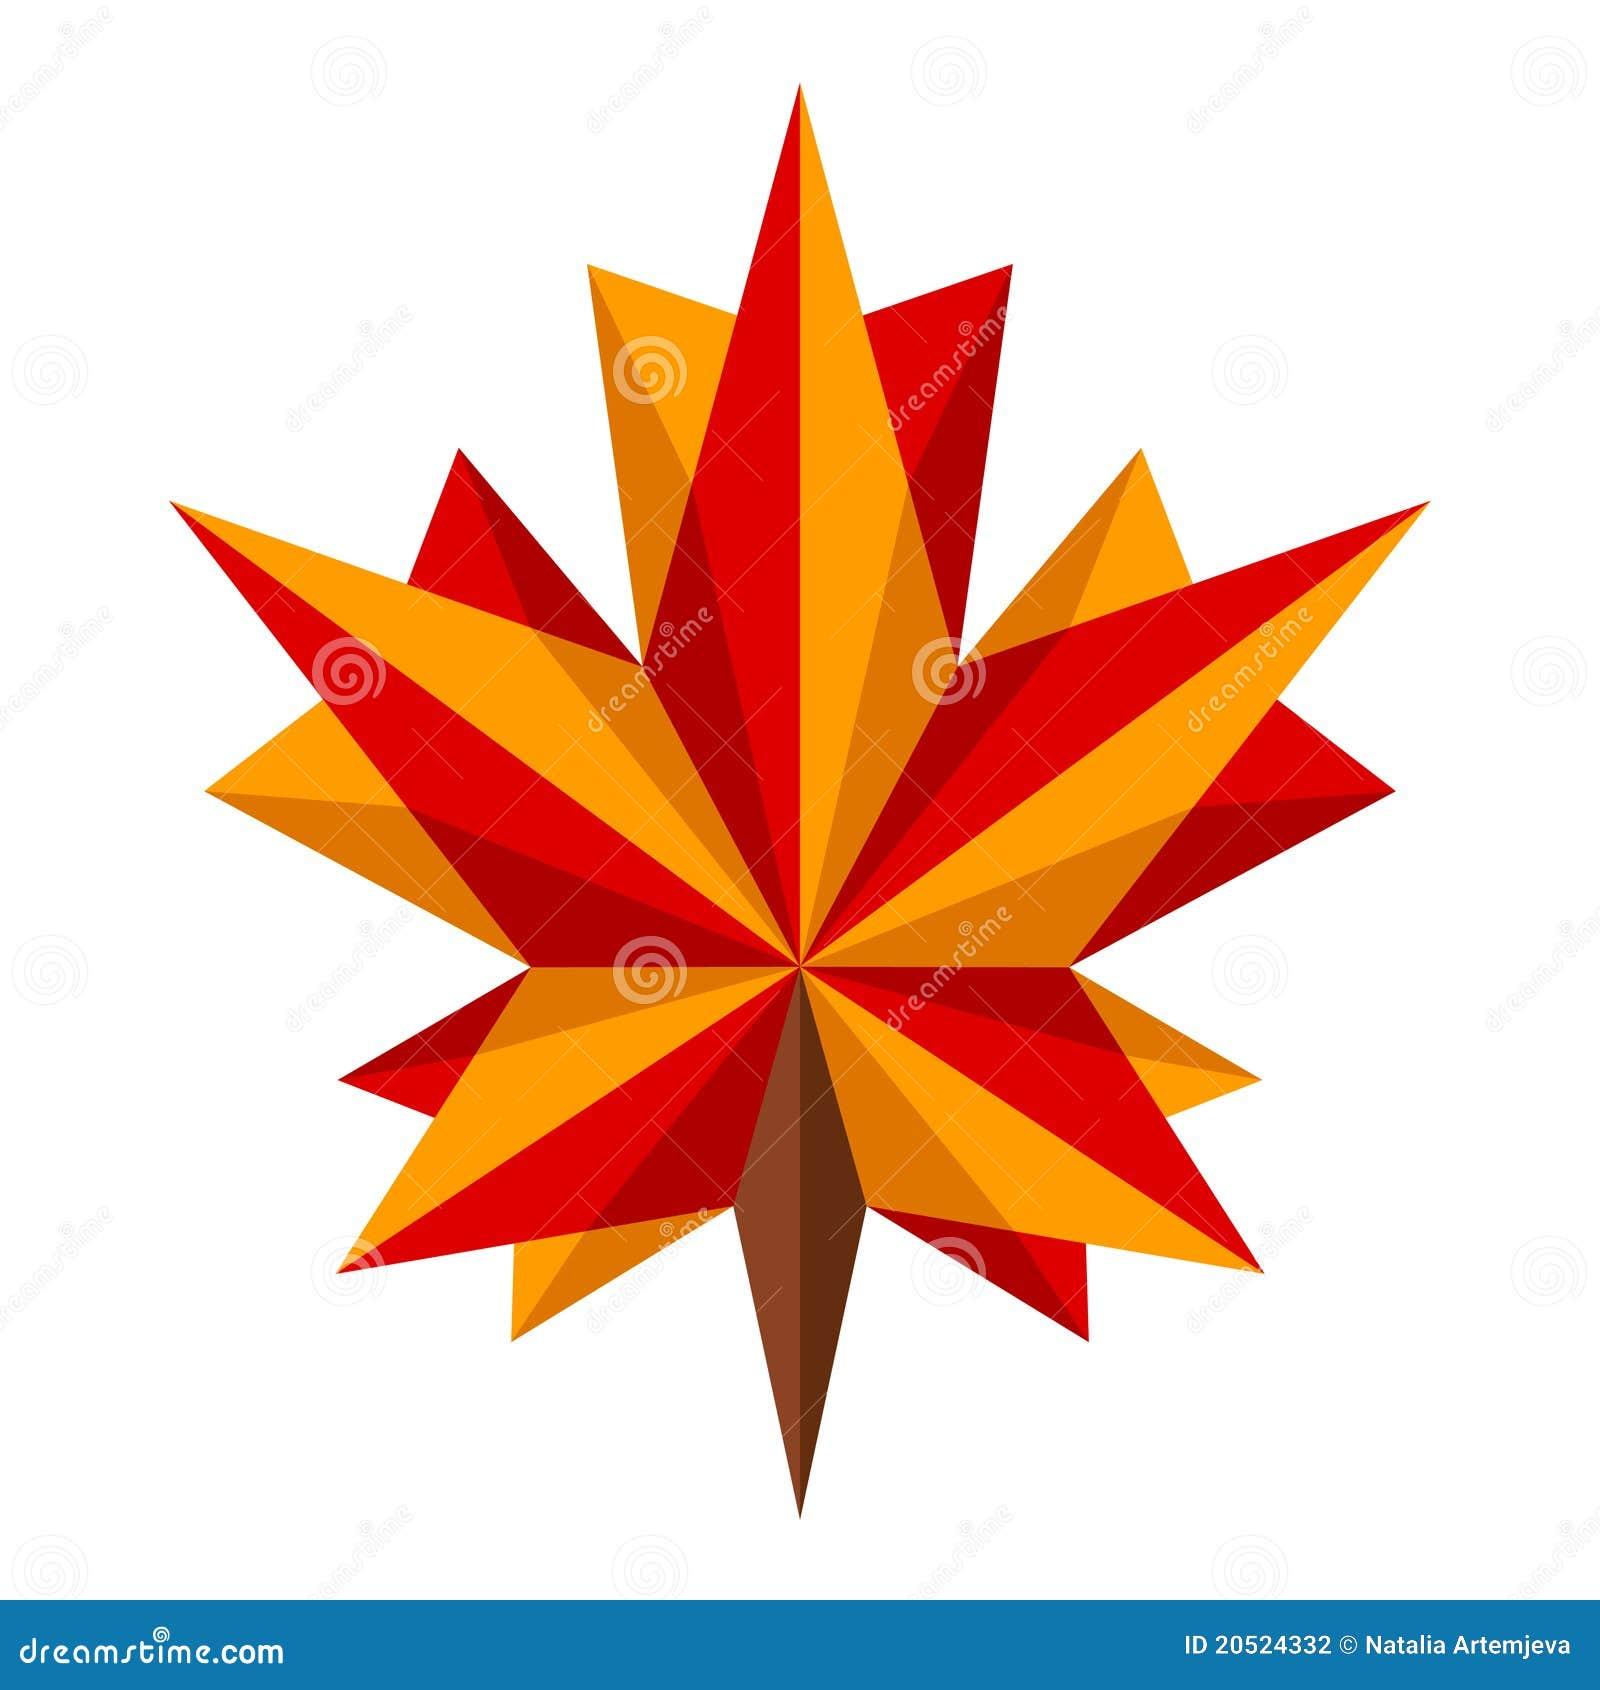 Origami Maple Leaf Stock Photography - Image: 20524332 - photo#35